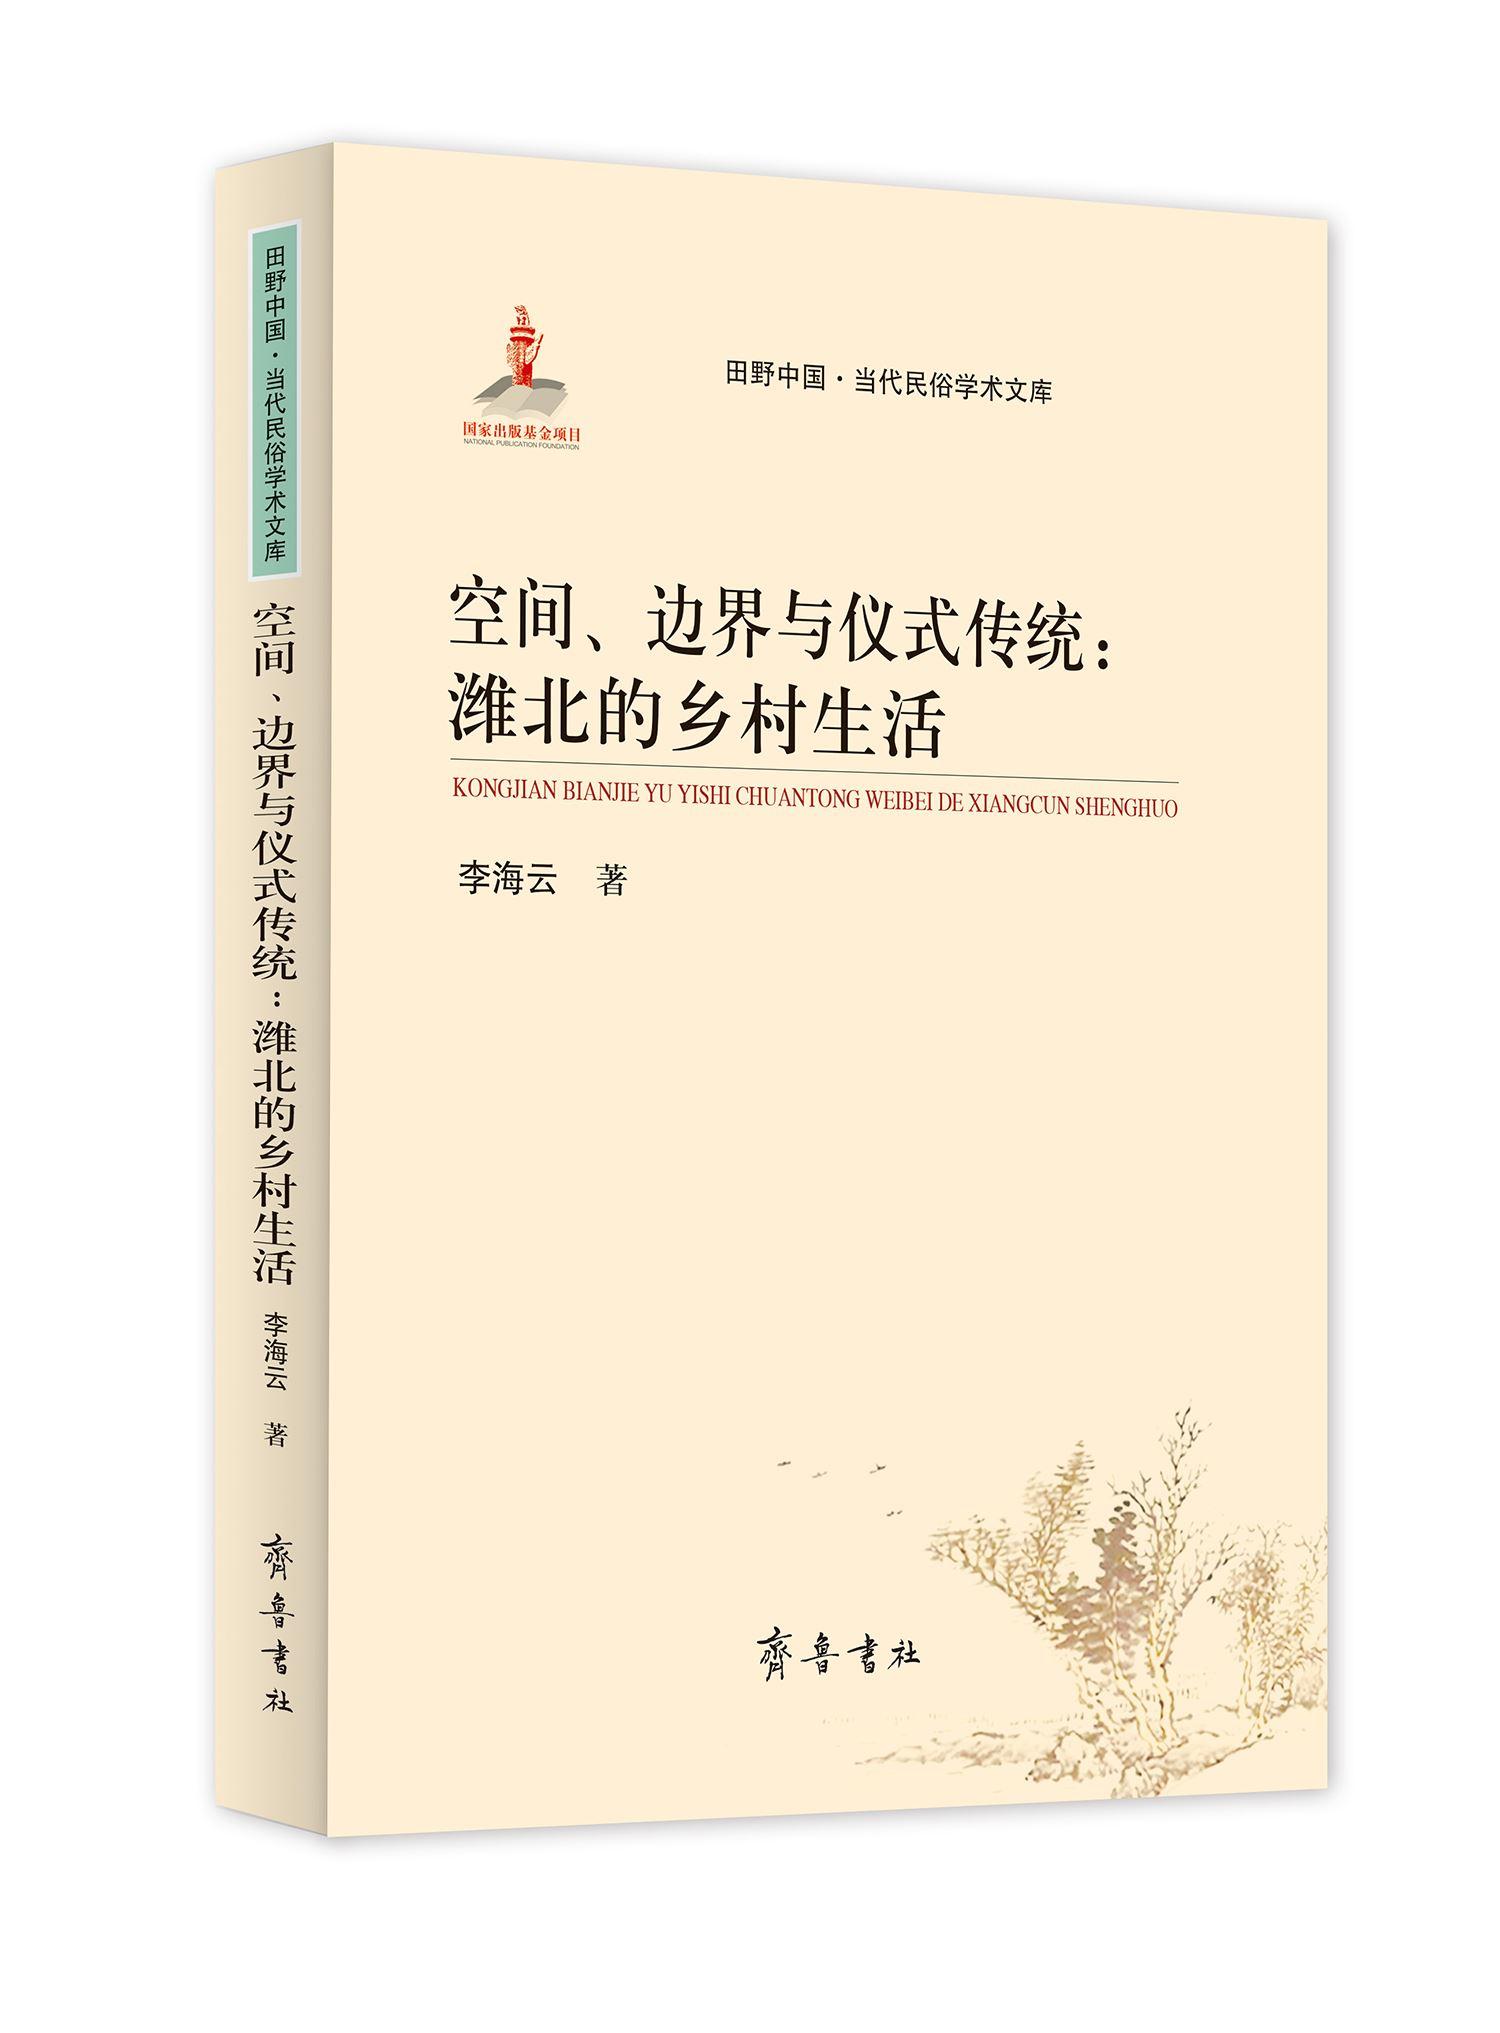 山东齐鲁书社出版有限公司_空间、边界与仪式传统:潍北的乡村生活